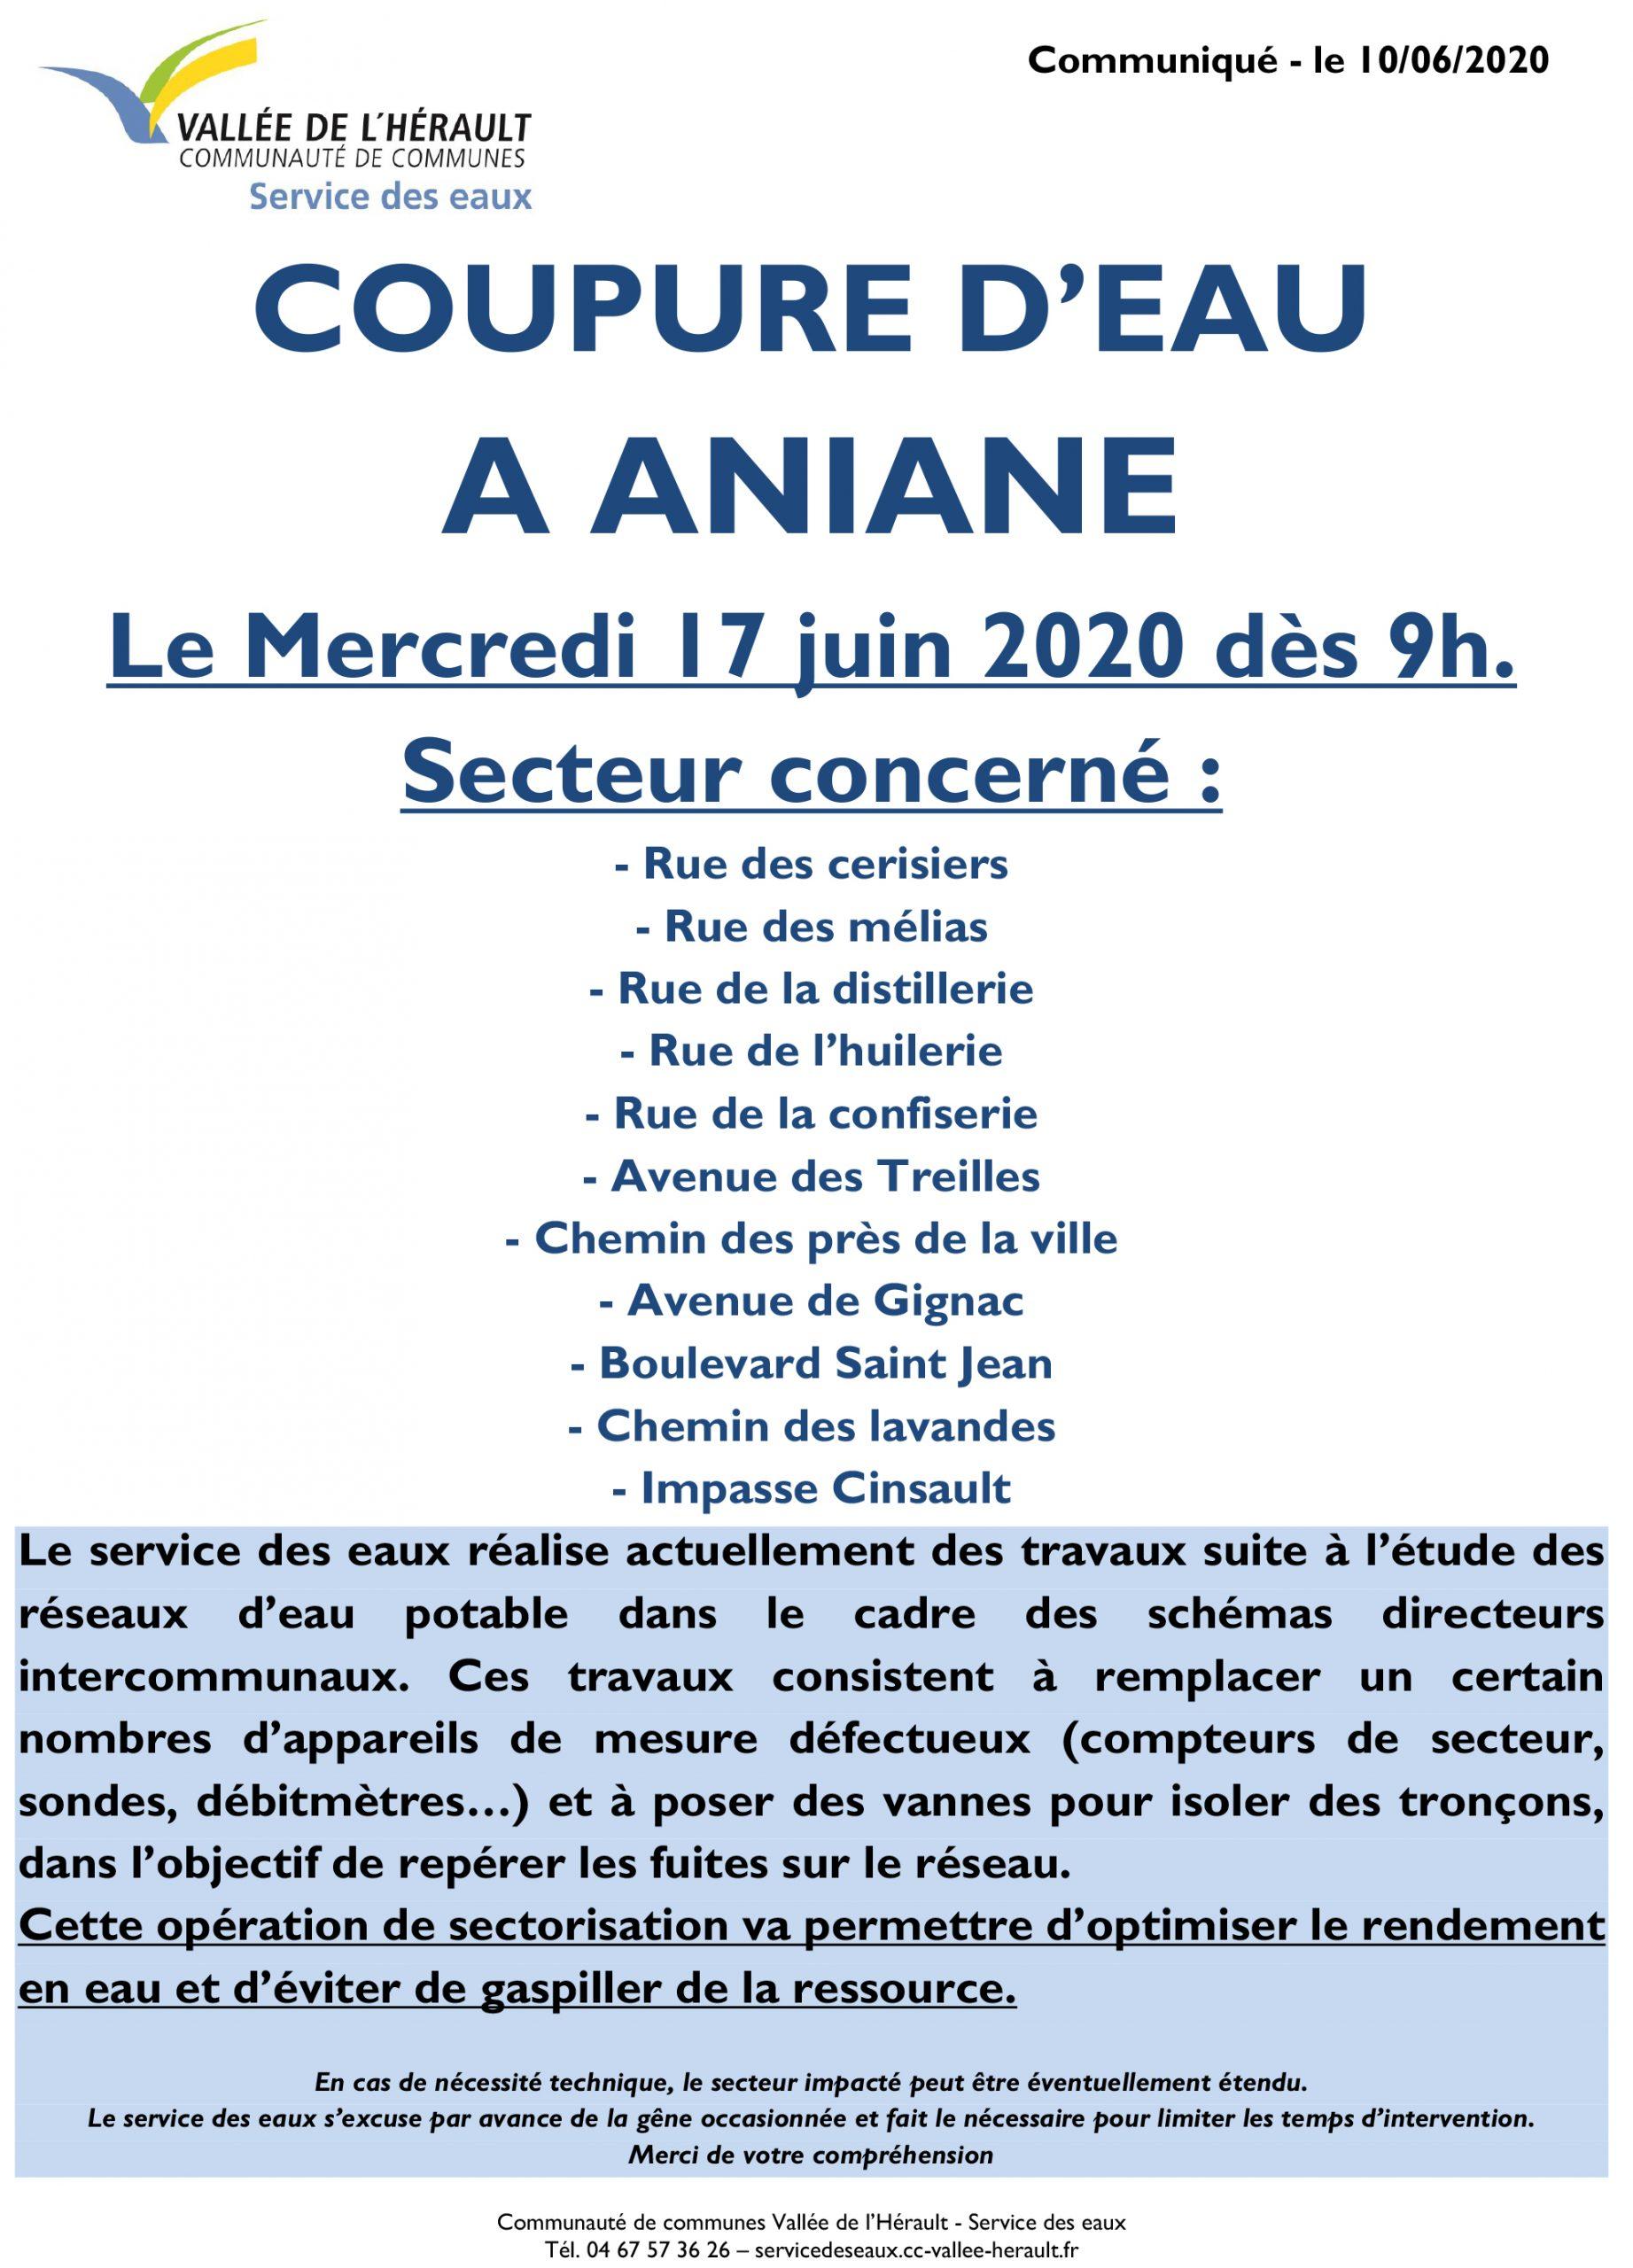 Communiqué Coupure eau 17 06 2020 Aniane